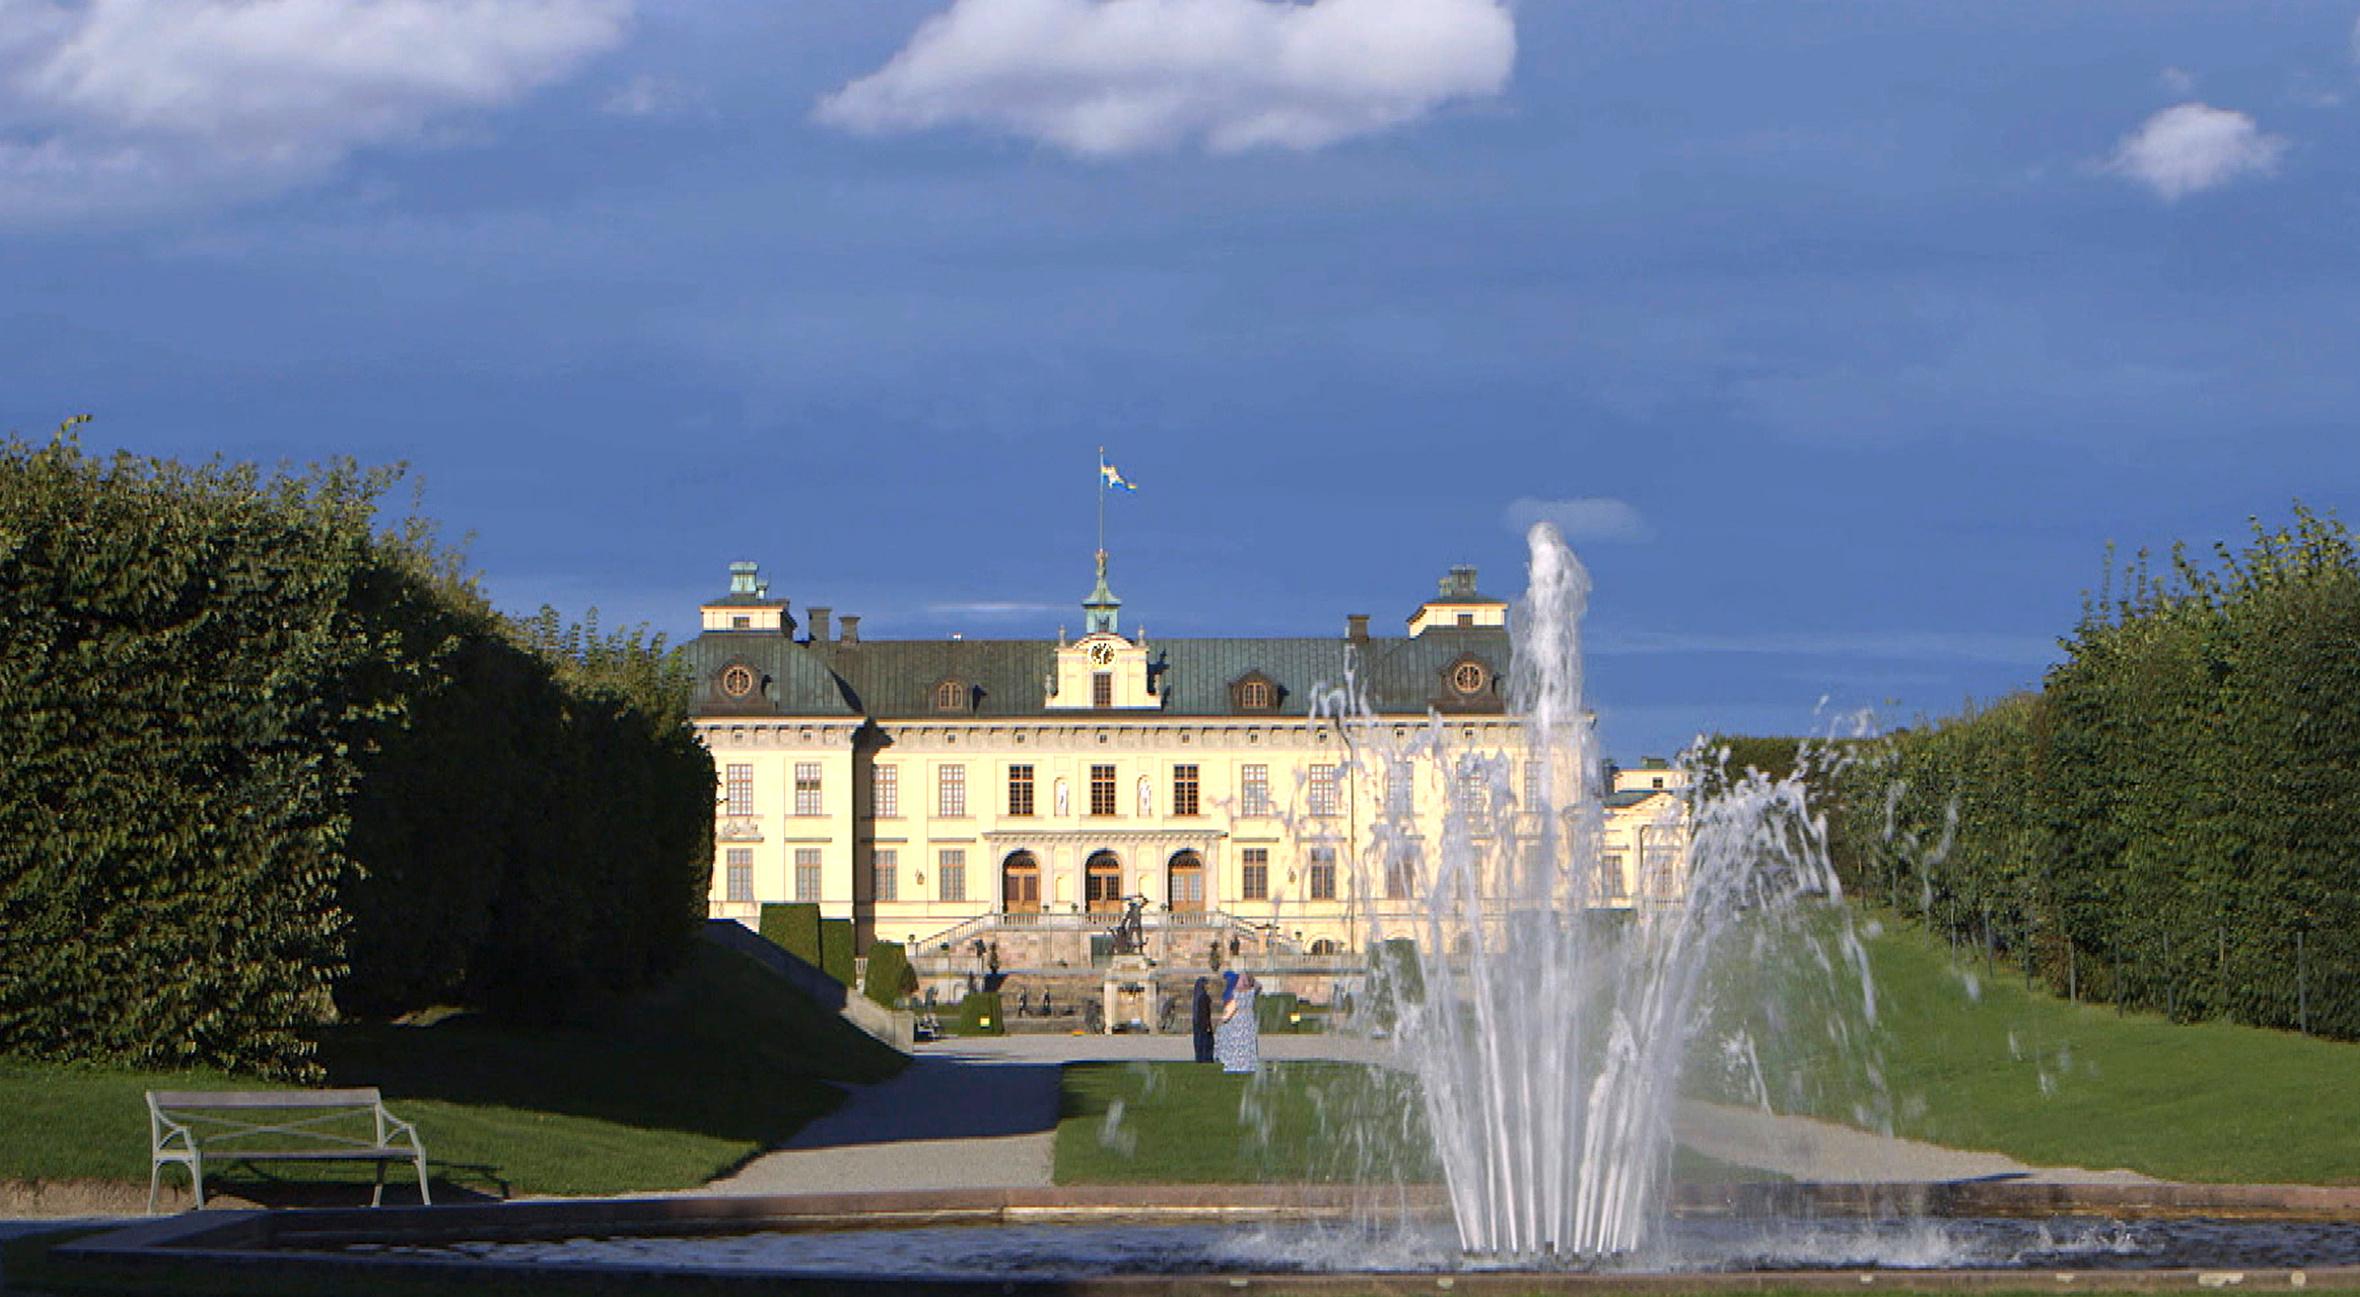 Wie ein schwedischer Mittsommernachtstraum liegen das Schloss Drottningholm und seine Parkanlage da, strenge barocke Ordnung und kunstvoll ungeordnete englische Gartenkultur nebeneinander.  ©NDR/ARTE/Moritz Schwarz